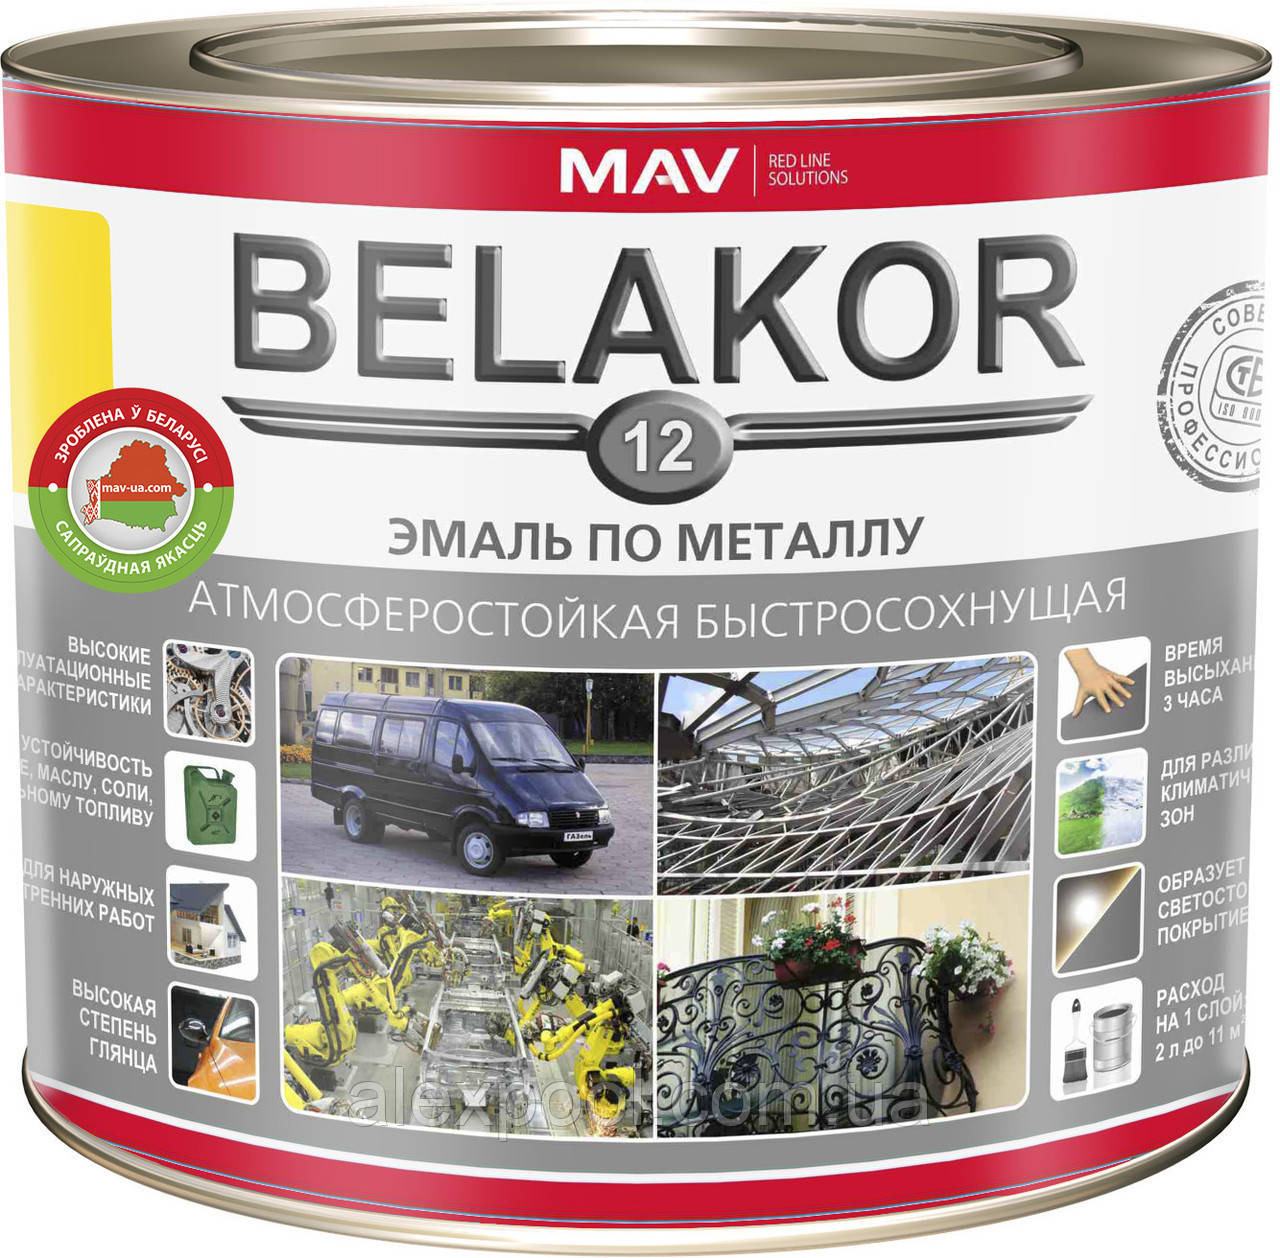 Эмаль MAV BELAKOR 12 по металлу атмосферостойкая быстросохнущая Серебристо-алюминиевая RAL 9007 1 литр